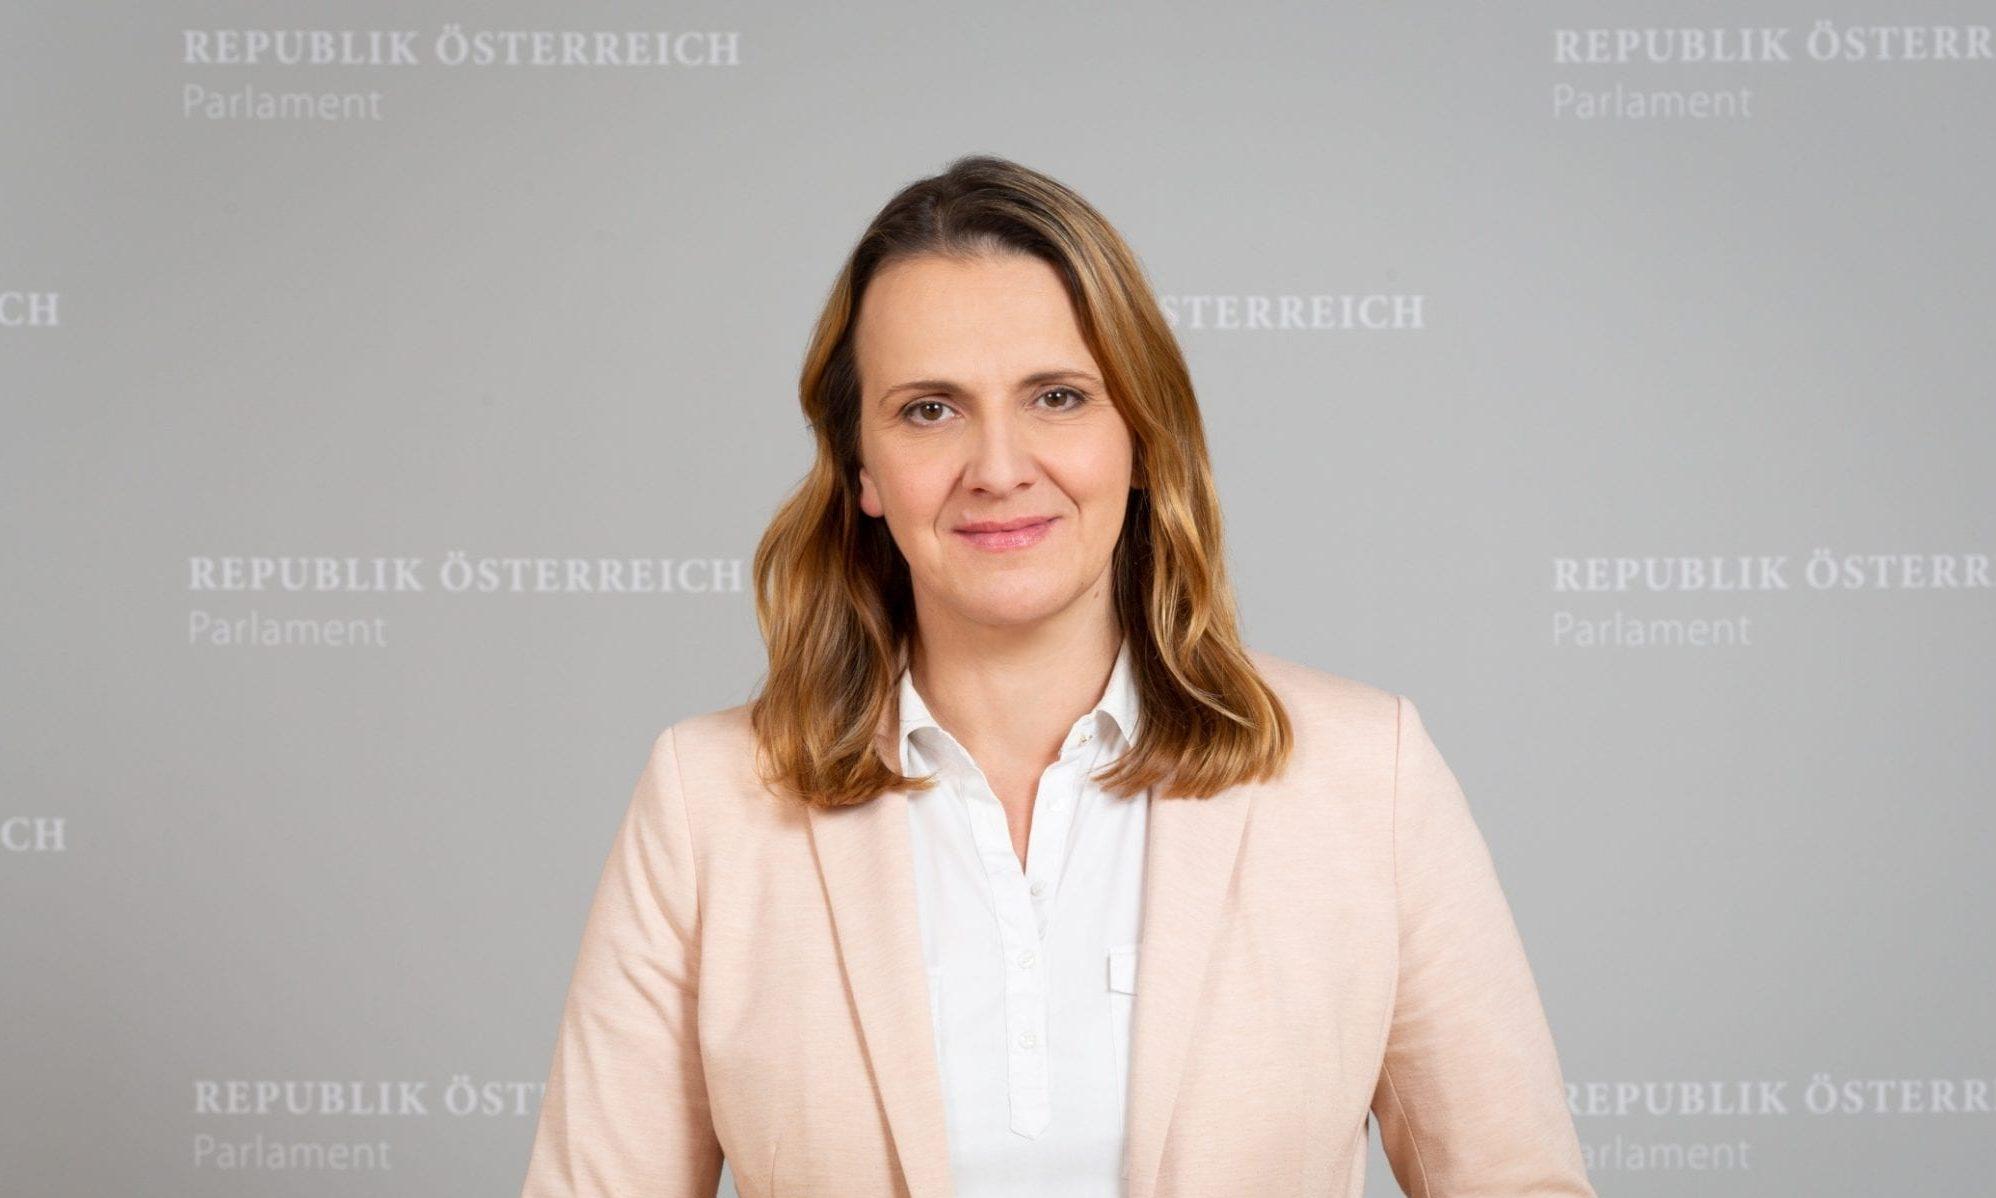 Dagmar Belakowitsch